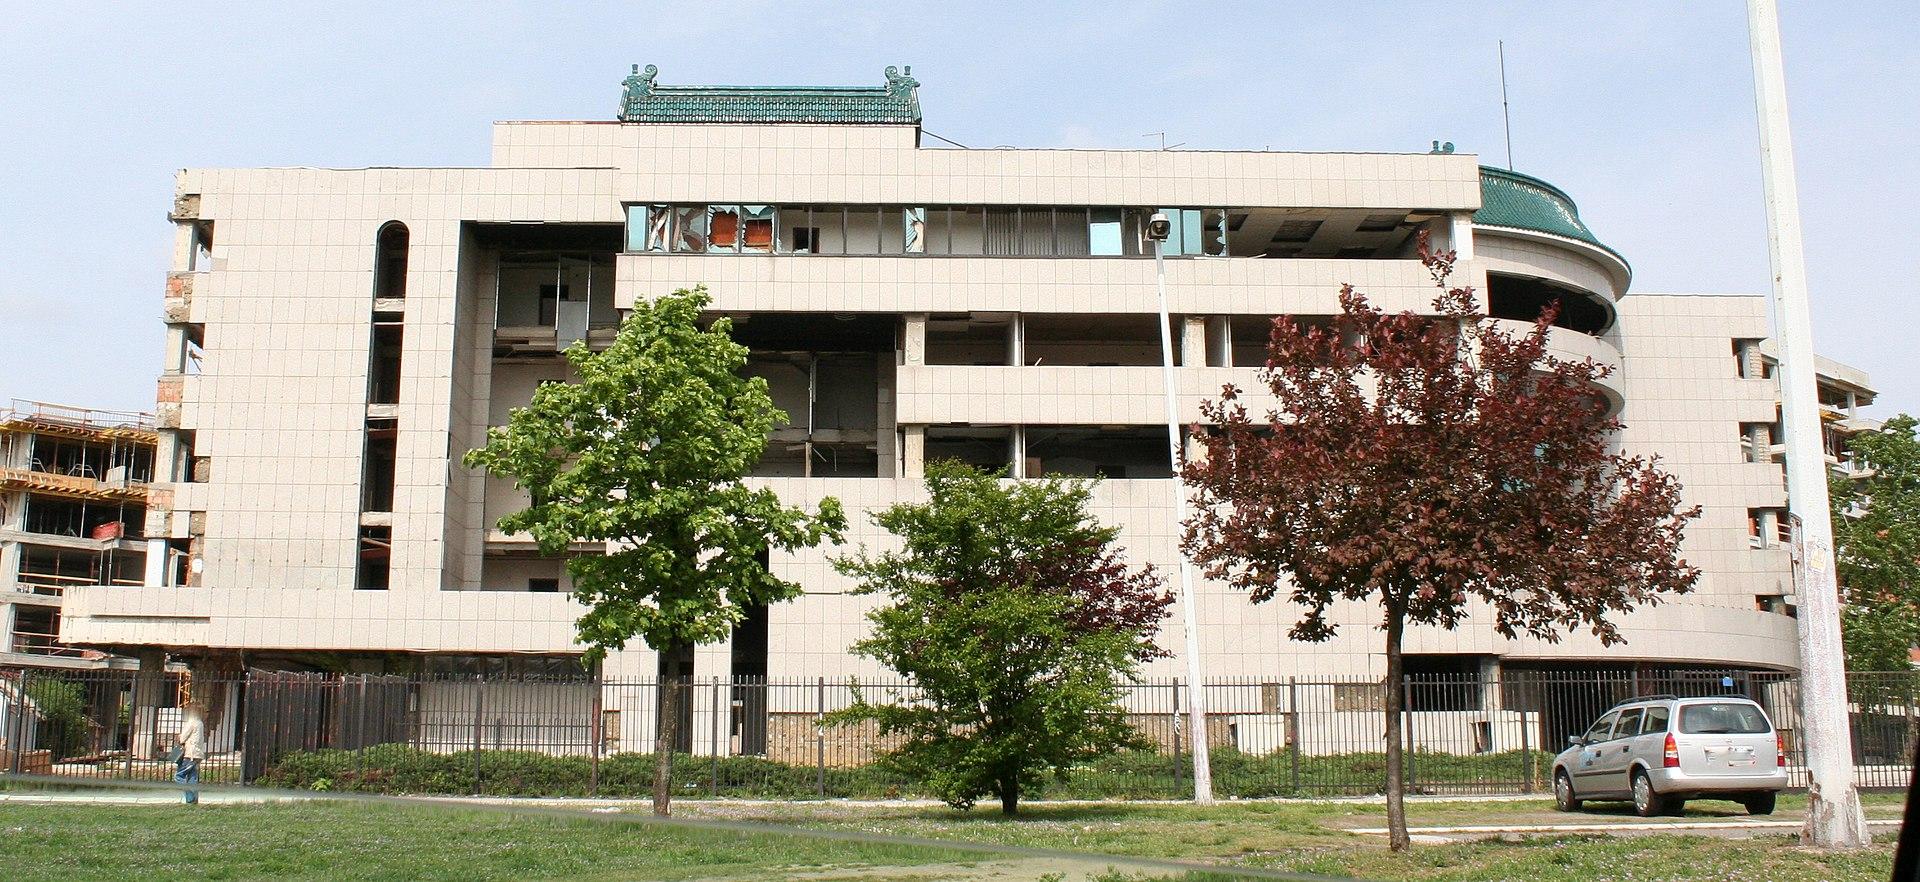 Chinese-embassy-belgrade-post-bombing.JPG